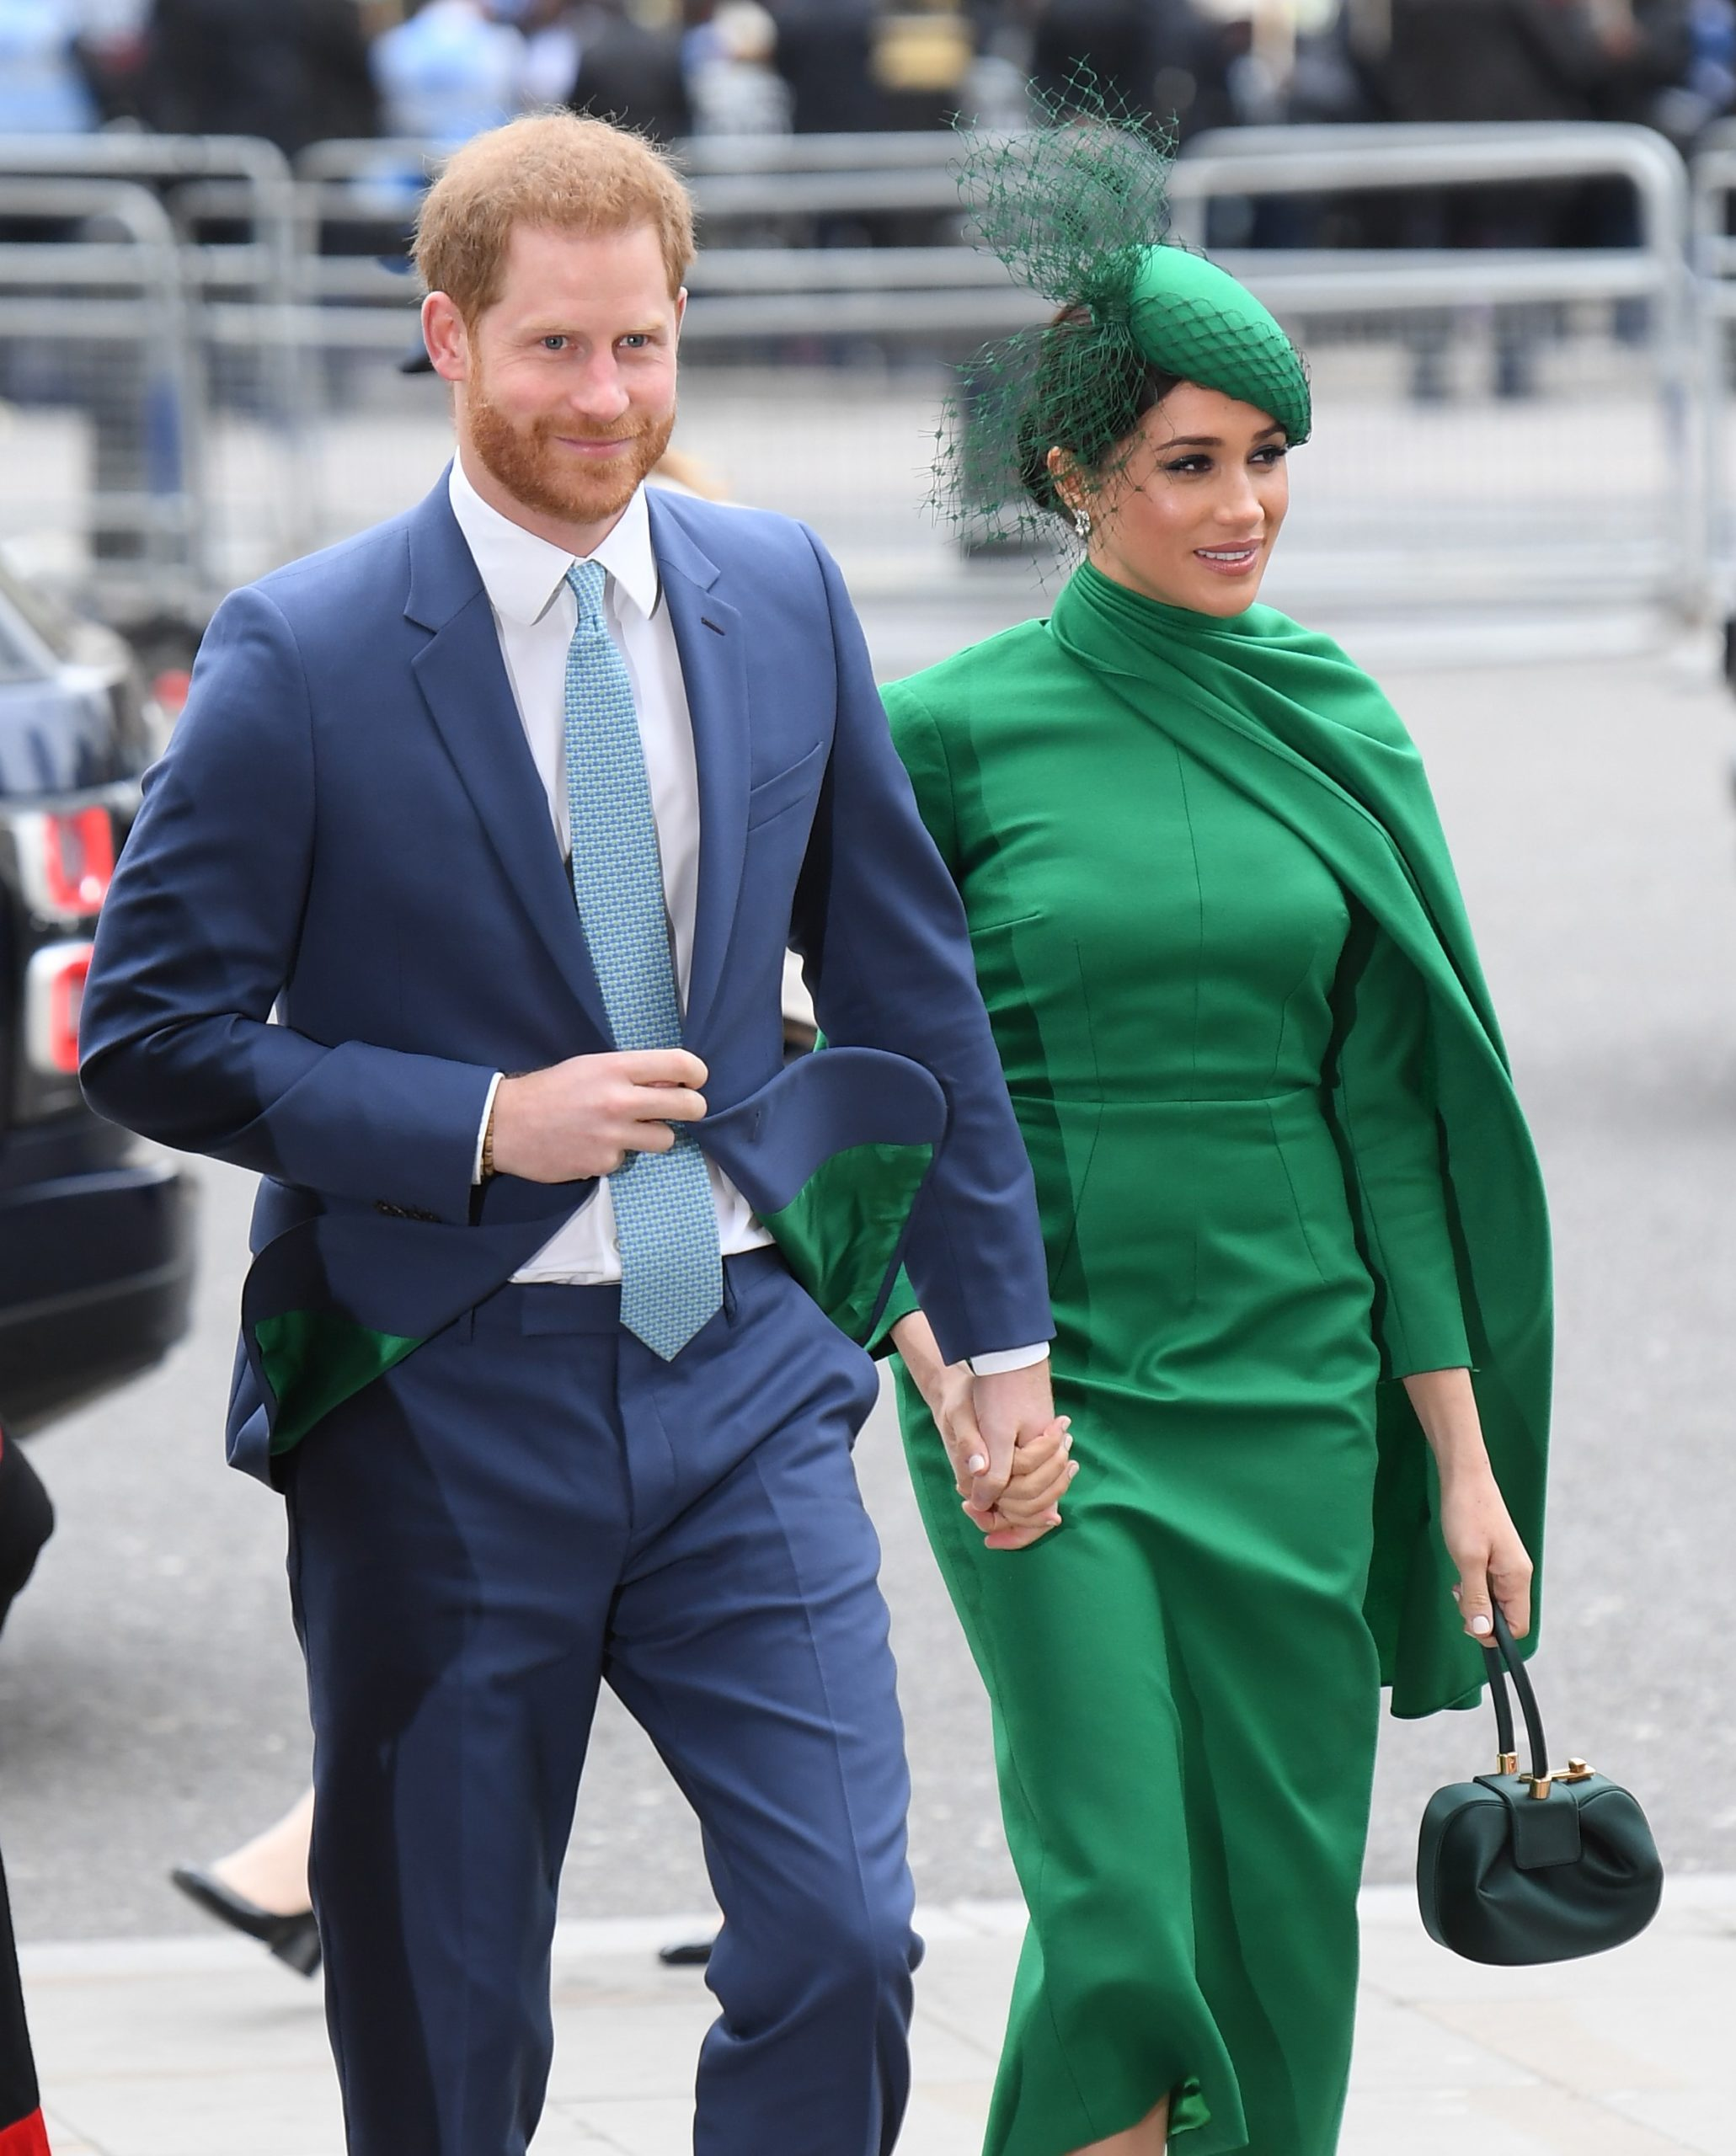 Prince Harry Meghan Markle